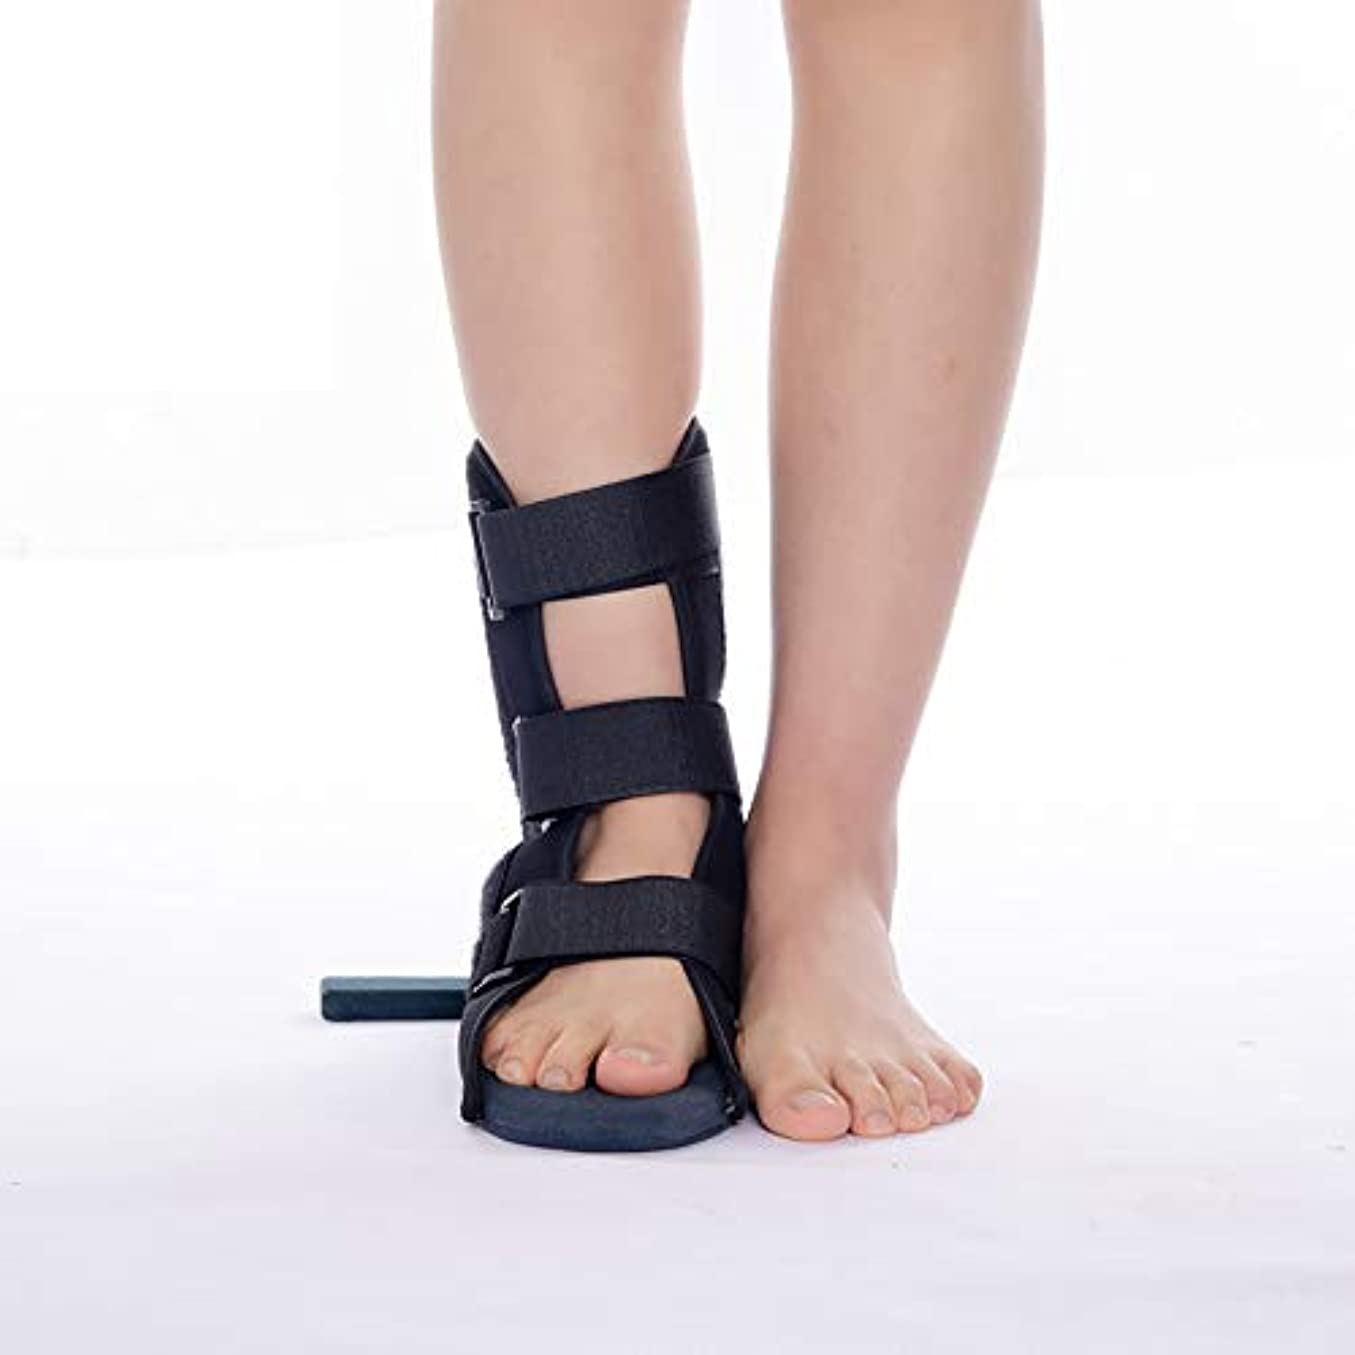 算術誓う害足固定整形外科用靴足ブレースサポート回転防止足首捻挫スタビライザーブーツ用足首関節捻挫骨折リハビリテーション